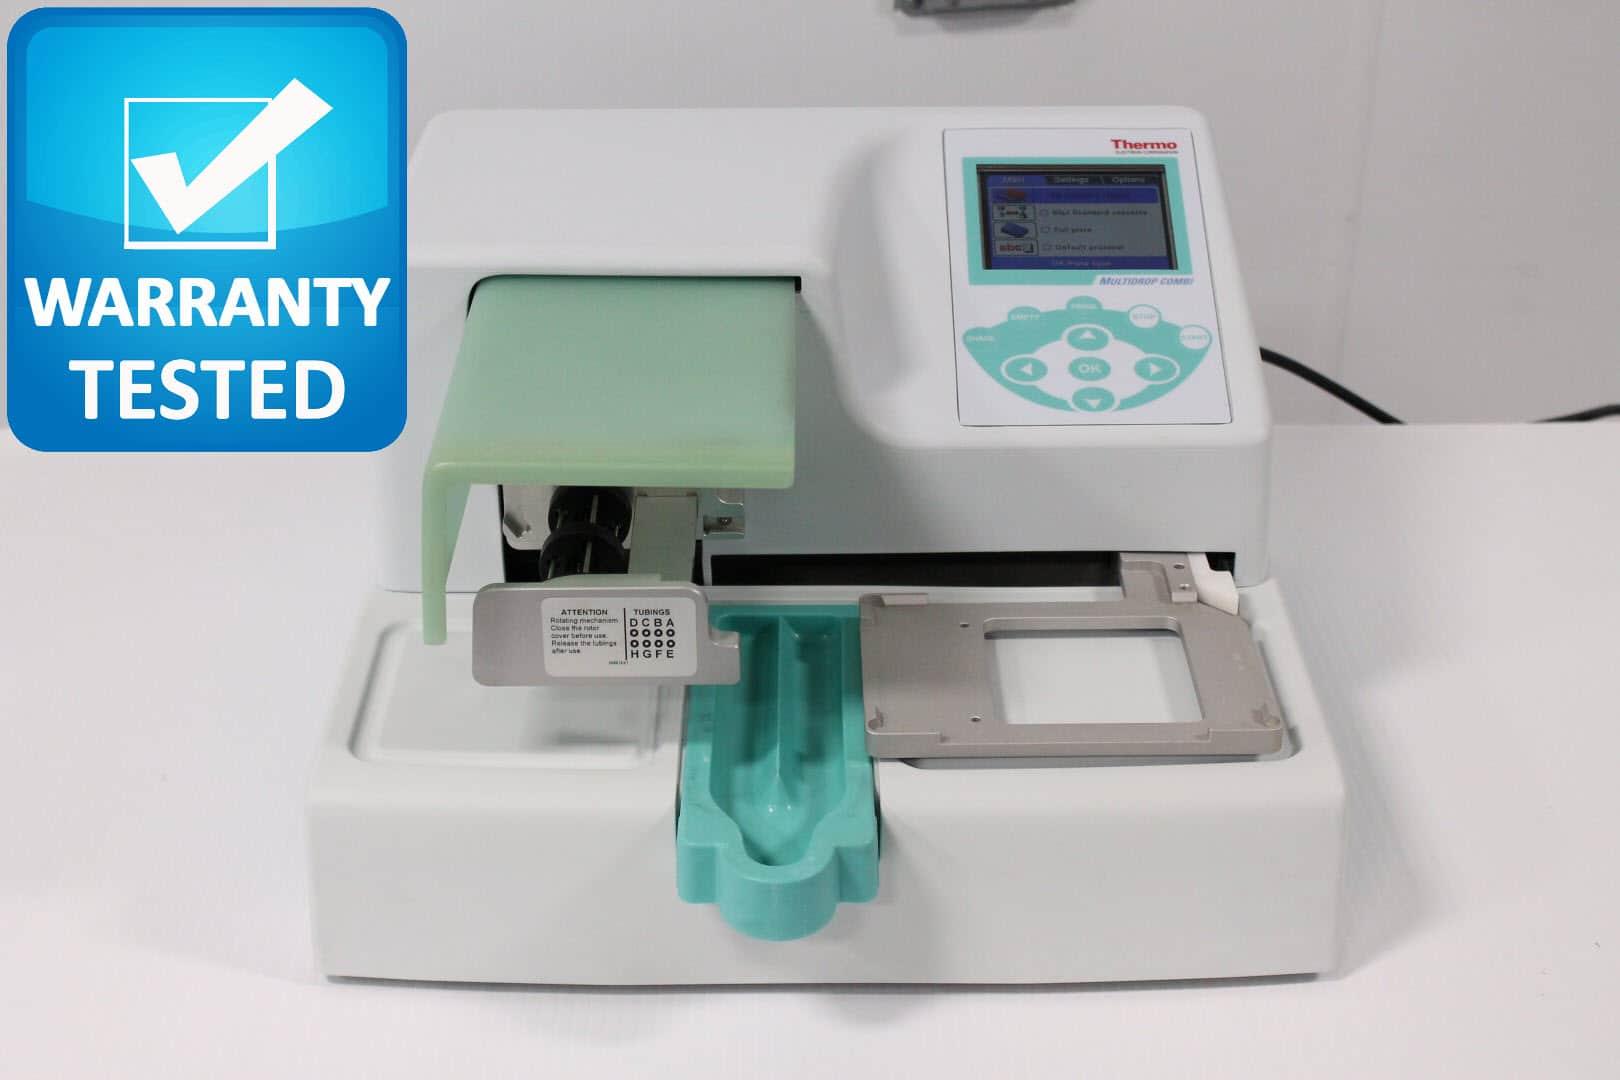 Thermo Multidrop Combi Reagent Dispenser 836 Unit5